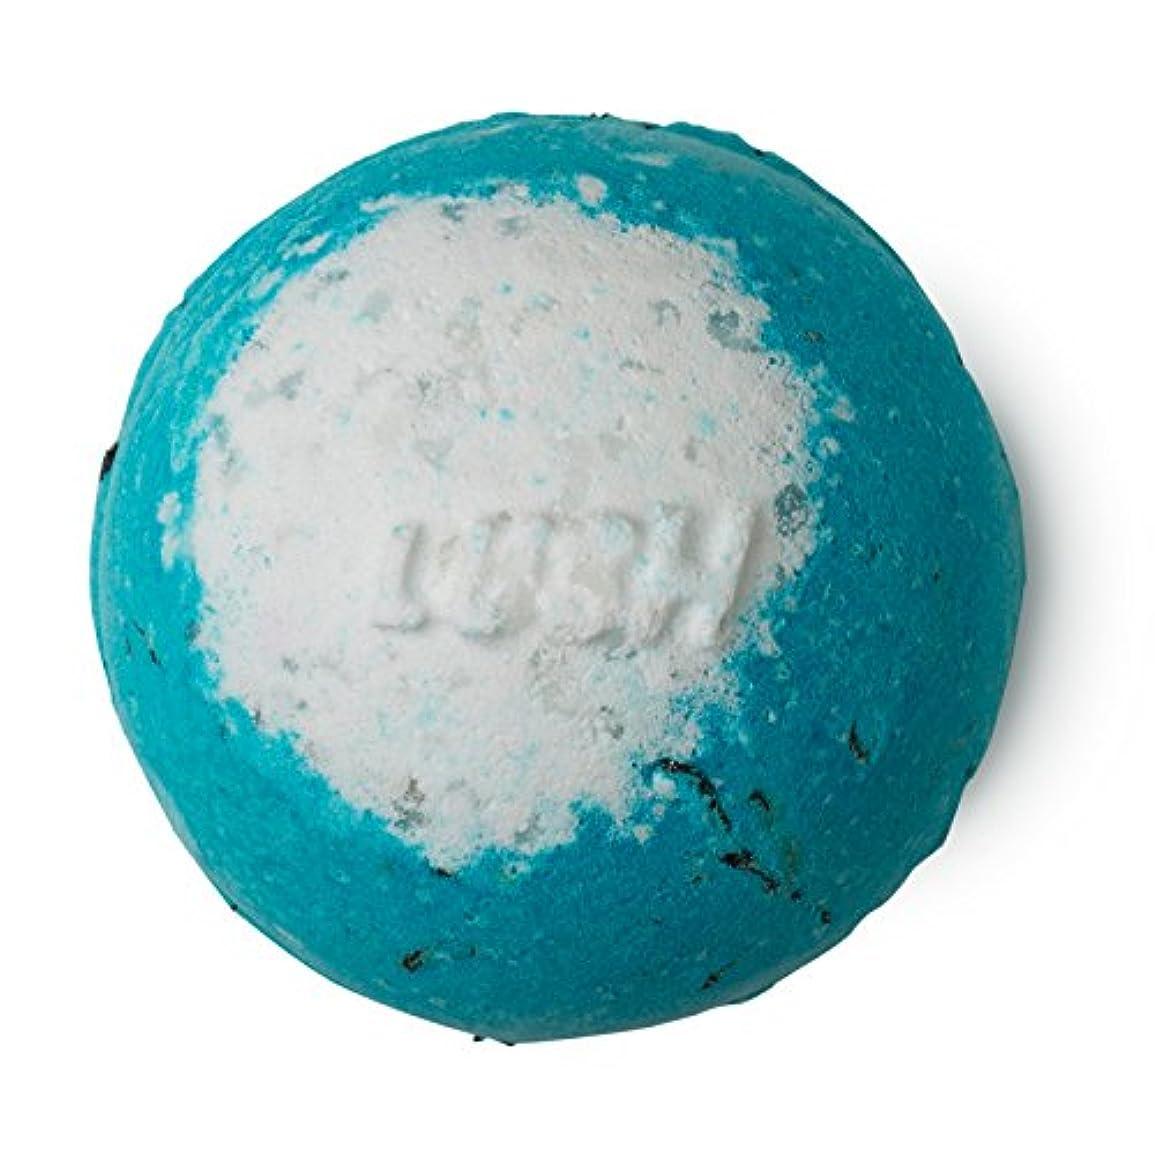 時代遅れ覚醒自体LUSH ラッシュ RUSHラッシュ 200g バスボム 浴用 シーソルト 入浴剤 ラベンダーオイル 入浴剤 ギフト